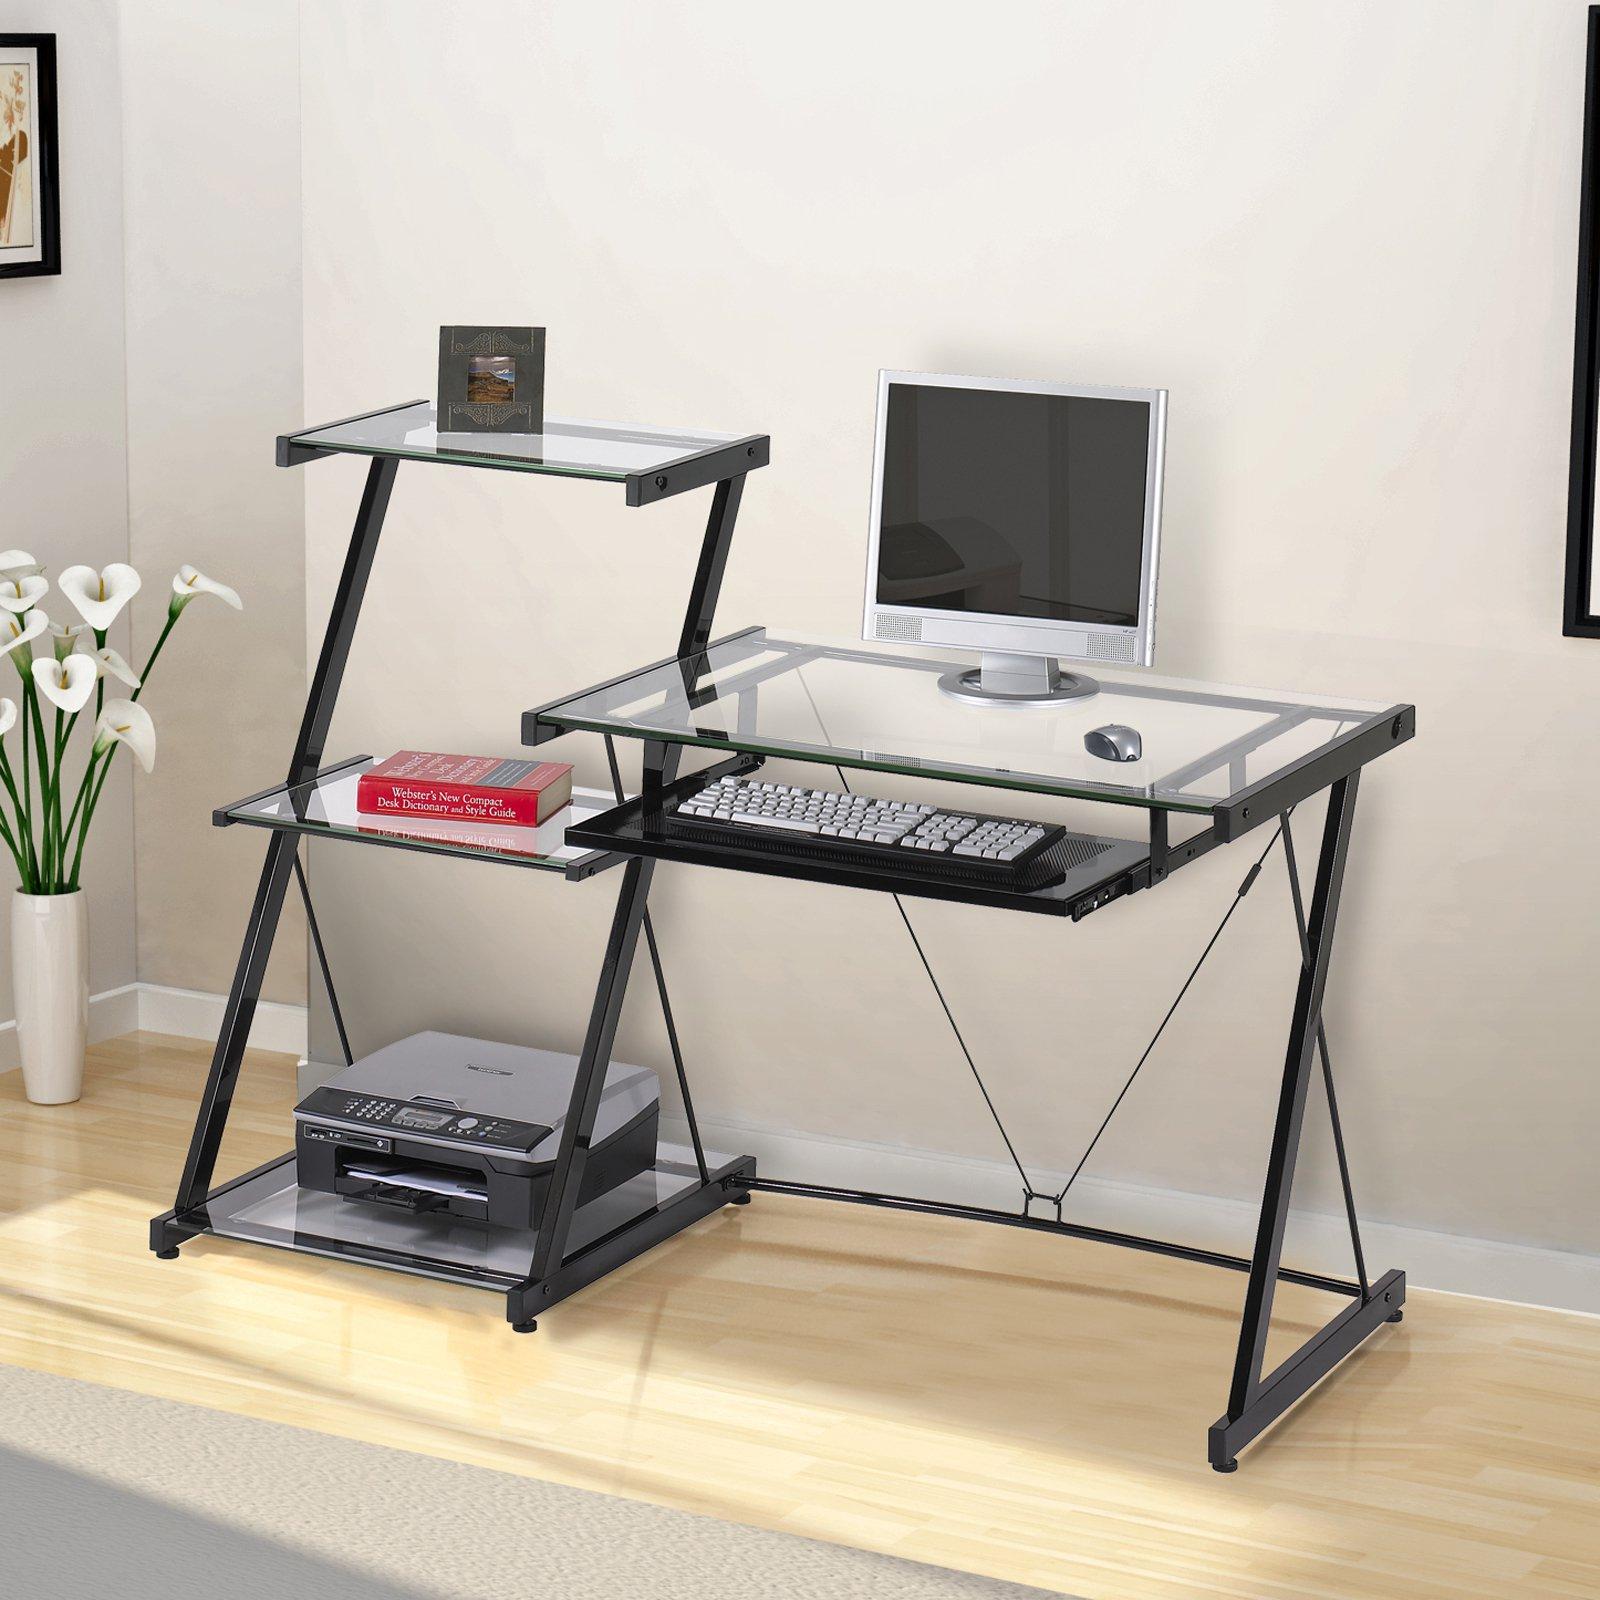 Z-Line Nero Desk and Bookcase - Black